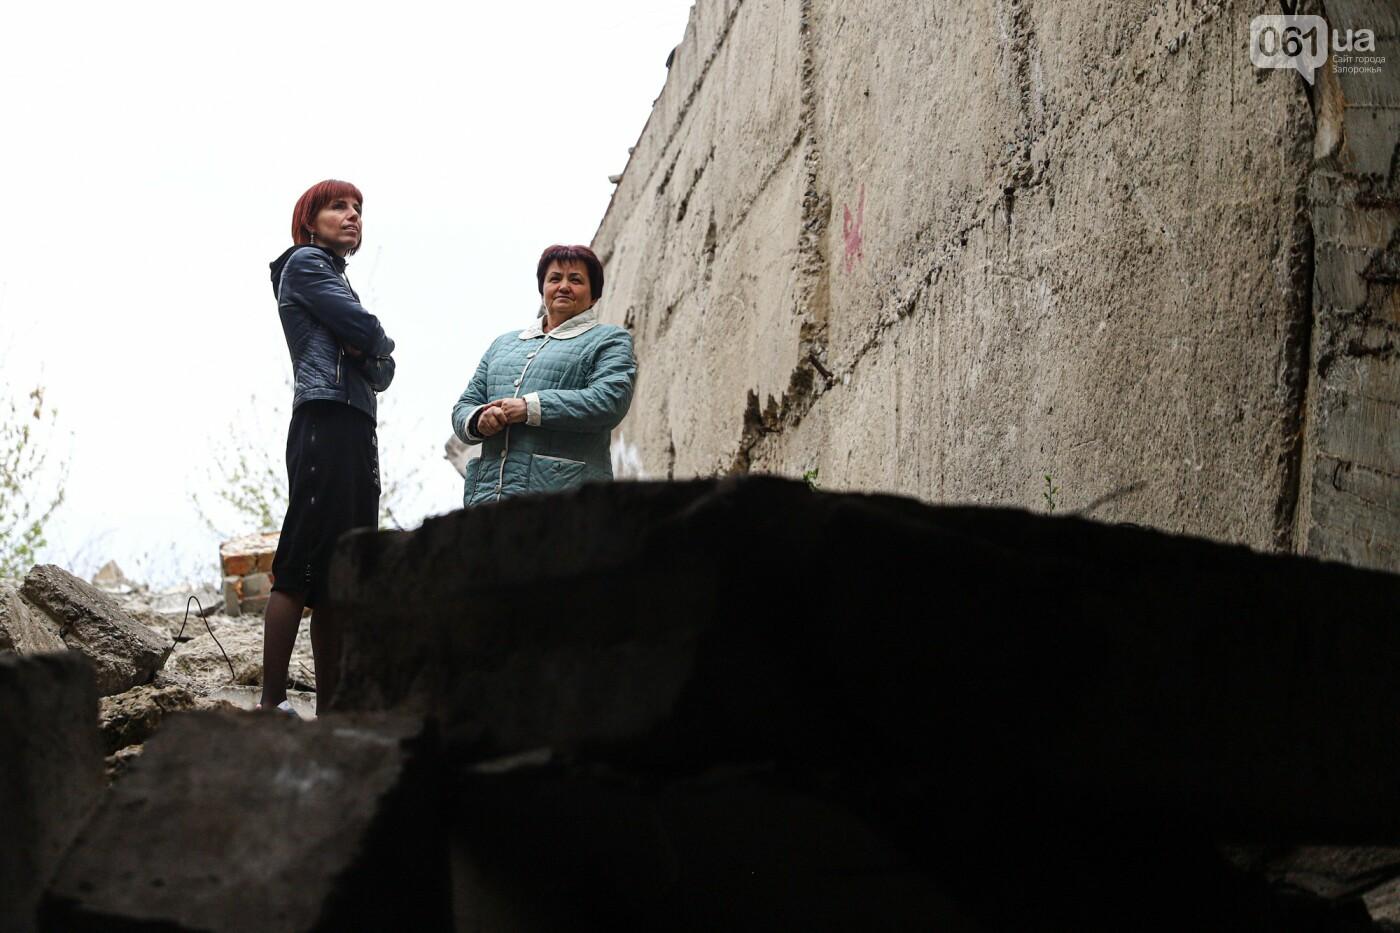 В Степногорске пытаются разобрать на металлолом шахту - промплощадка ГОКа превратилась в руины, - ФОТОРЕПОРТАЖ , фото-18